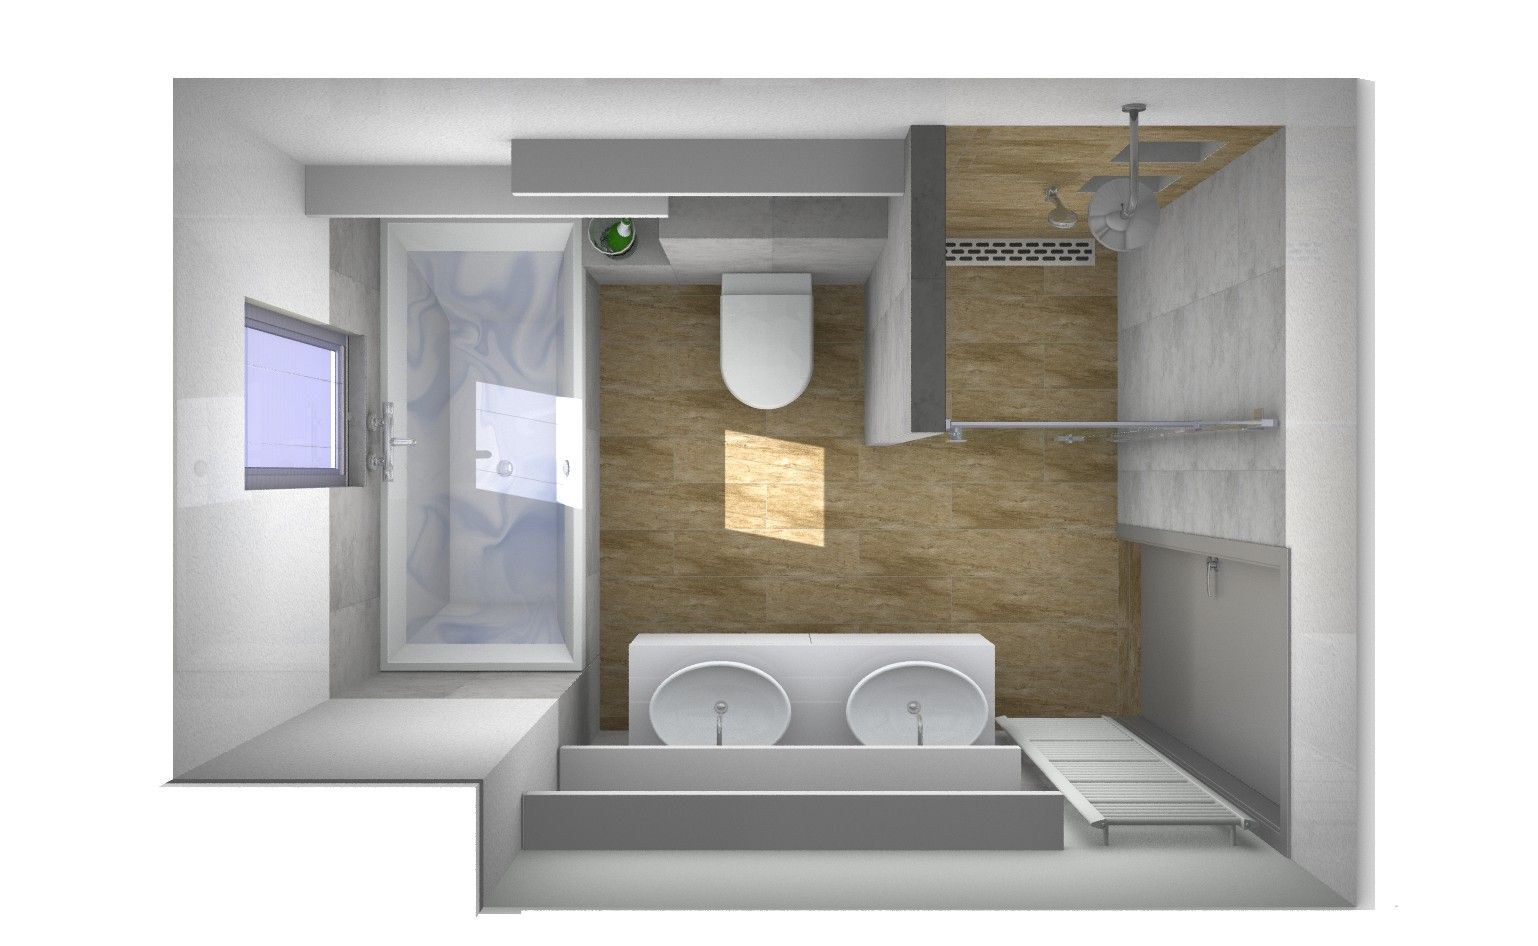 Ontwerp van badkamer met houtlook keramische tegels - Keramische inrichting badkamer ...